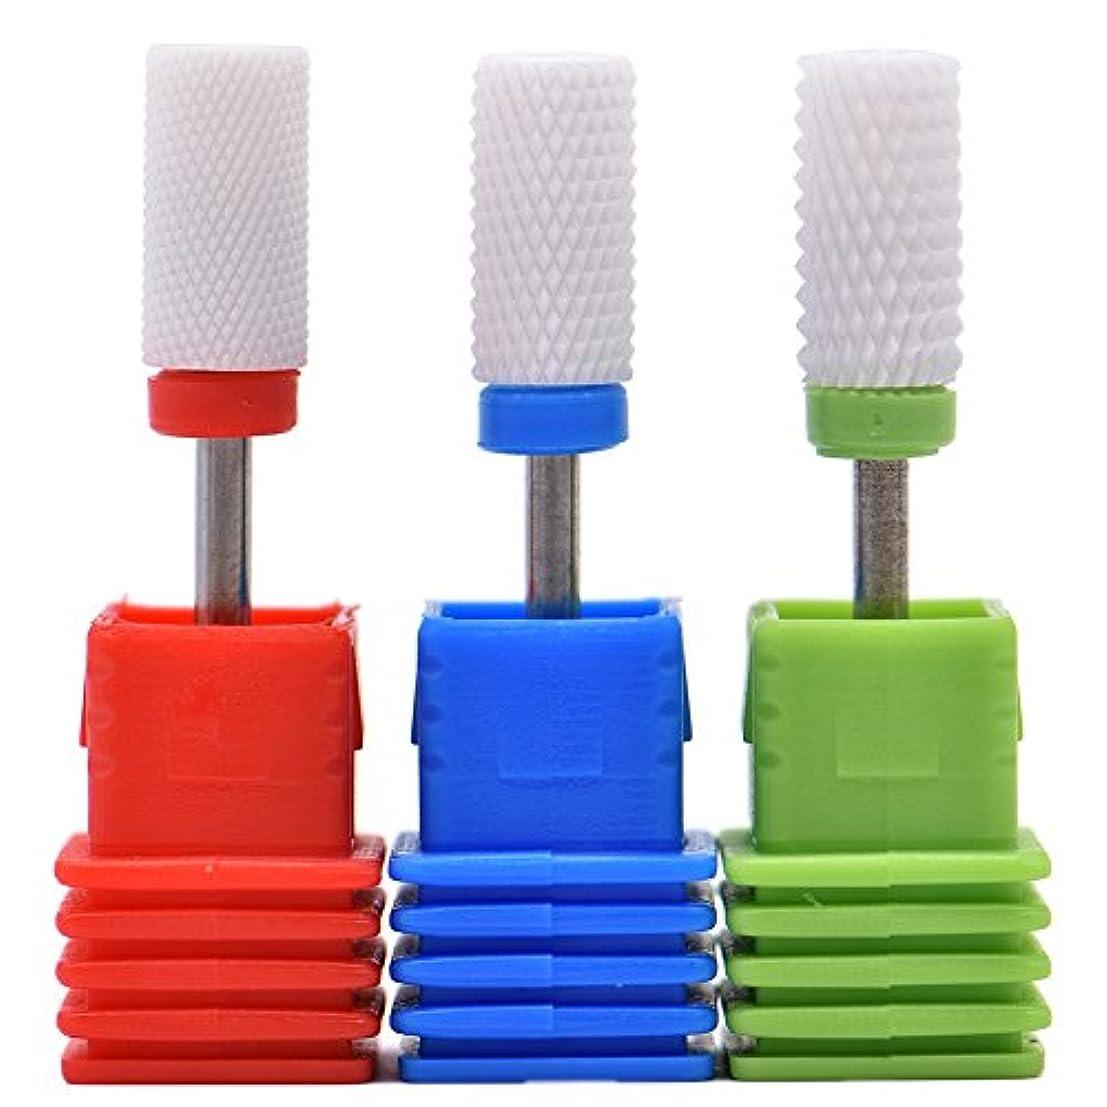 過剰おばさん寮Oral Dentistry ネイルアート ドリルビット 研削ヘッド 研磨ヘッド ネイル グラインド ヘッド 爪 磨き 研磨 研削 セラミック 全3色 (レッドF(微研削)+グリーンC(粗研削)+ブルーM(中仕上げ))